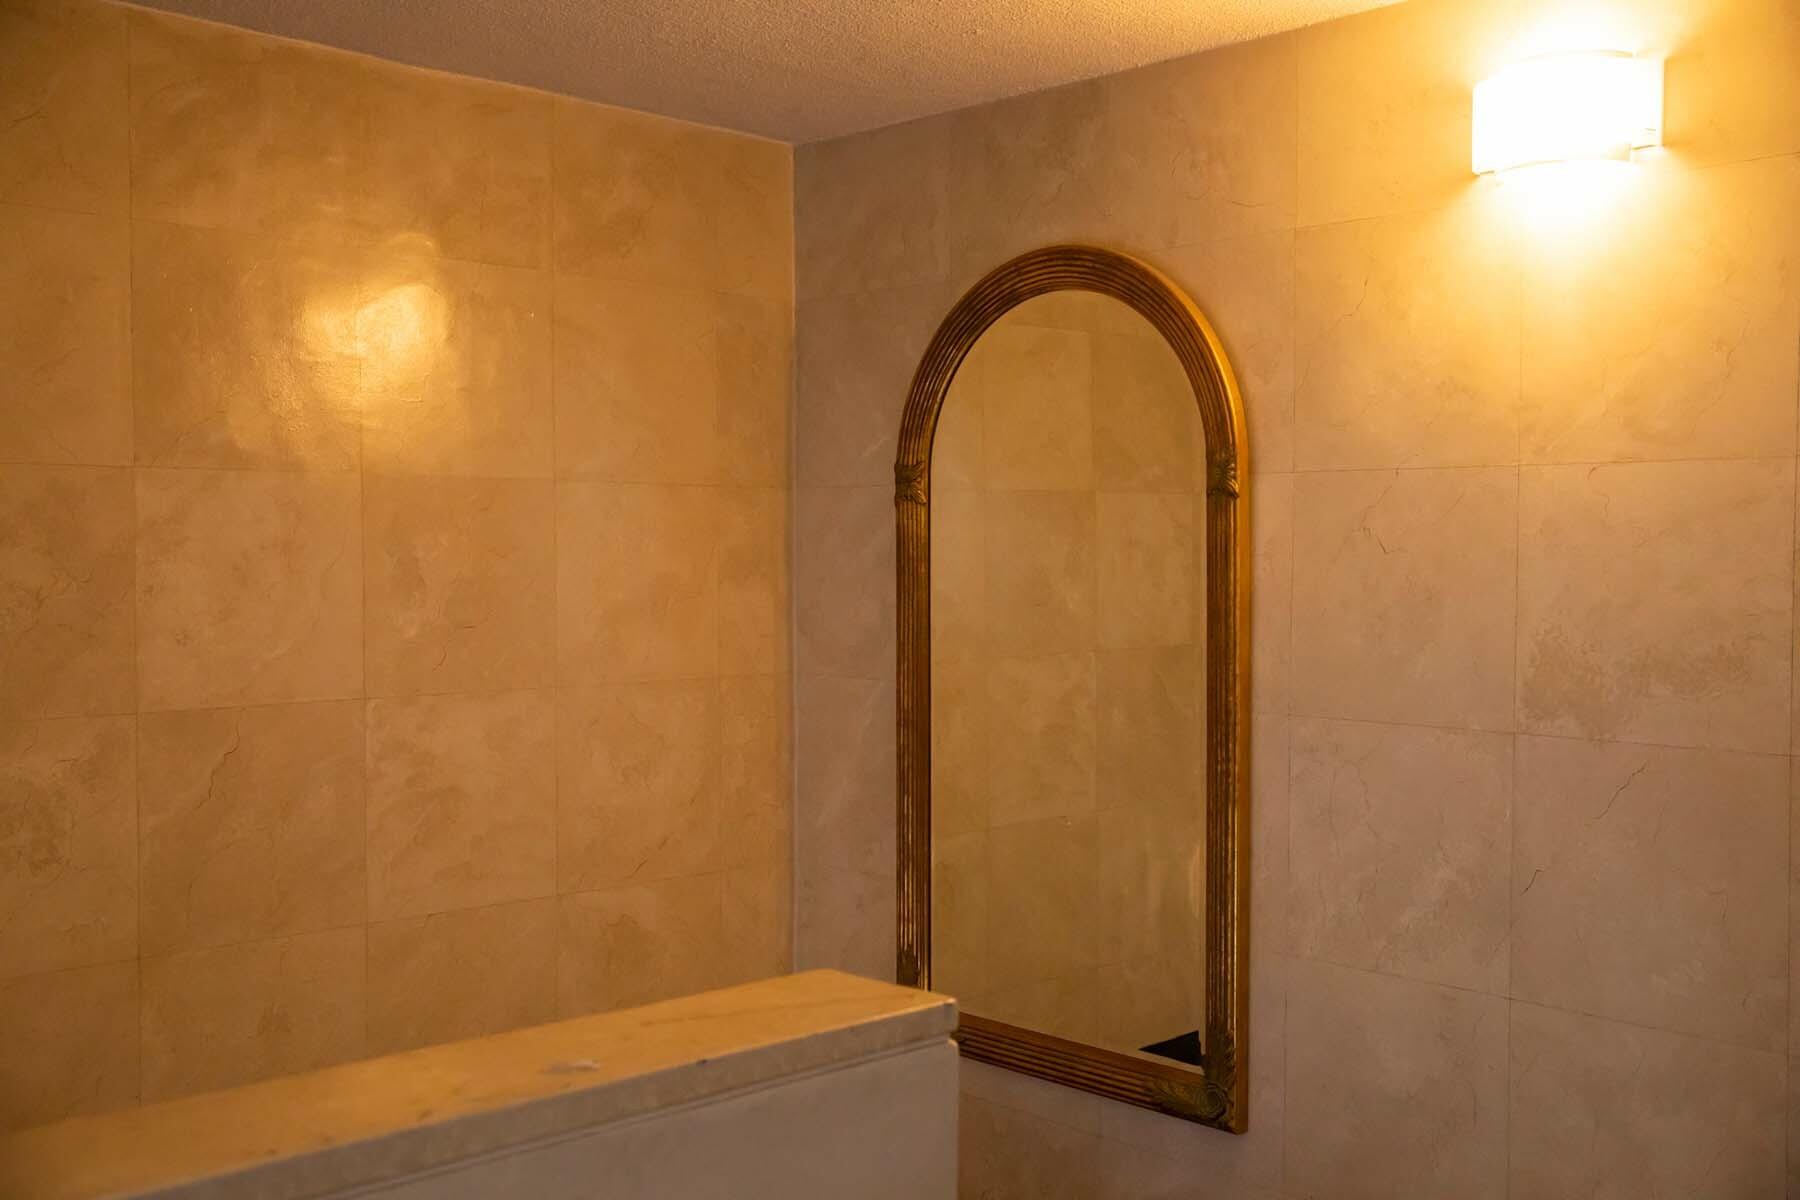 STUDIO NONAMES MEJIRO (スタジオ ノナメス メジロ)共用部 階段